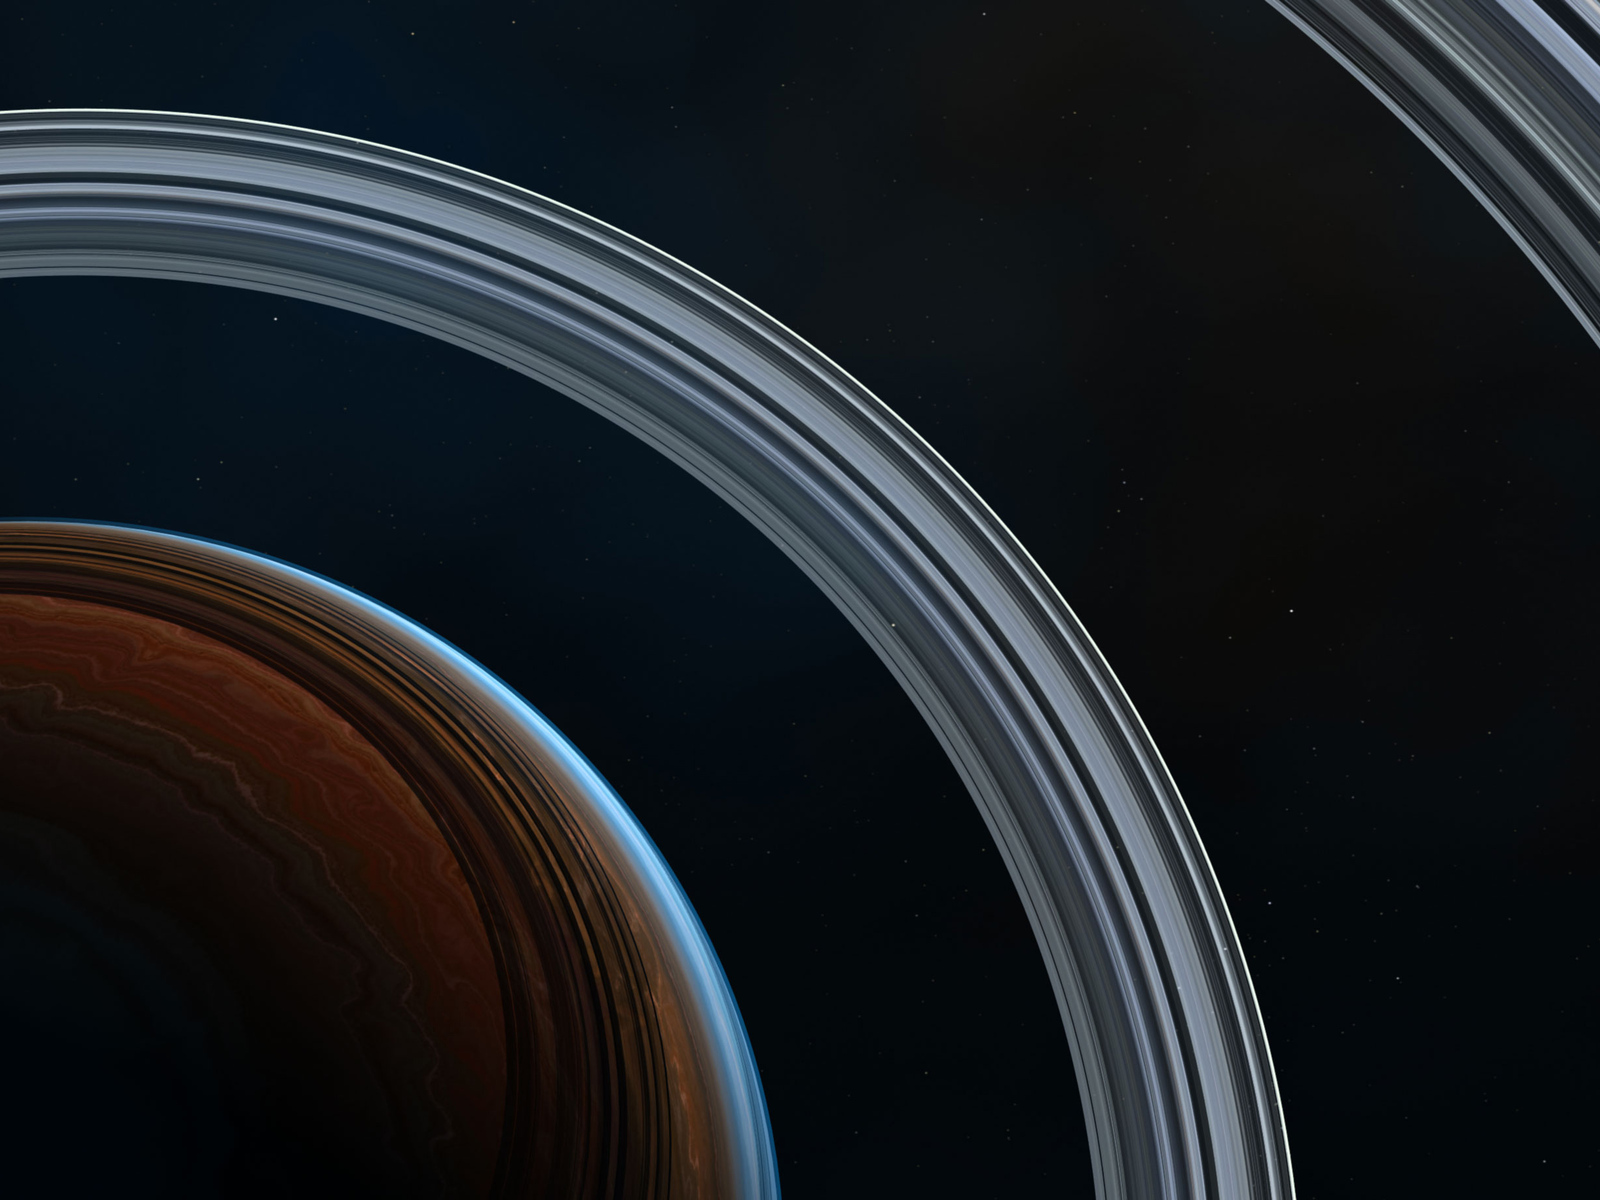 rings-space-4k-qr.jpg